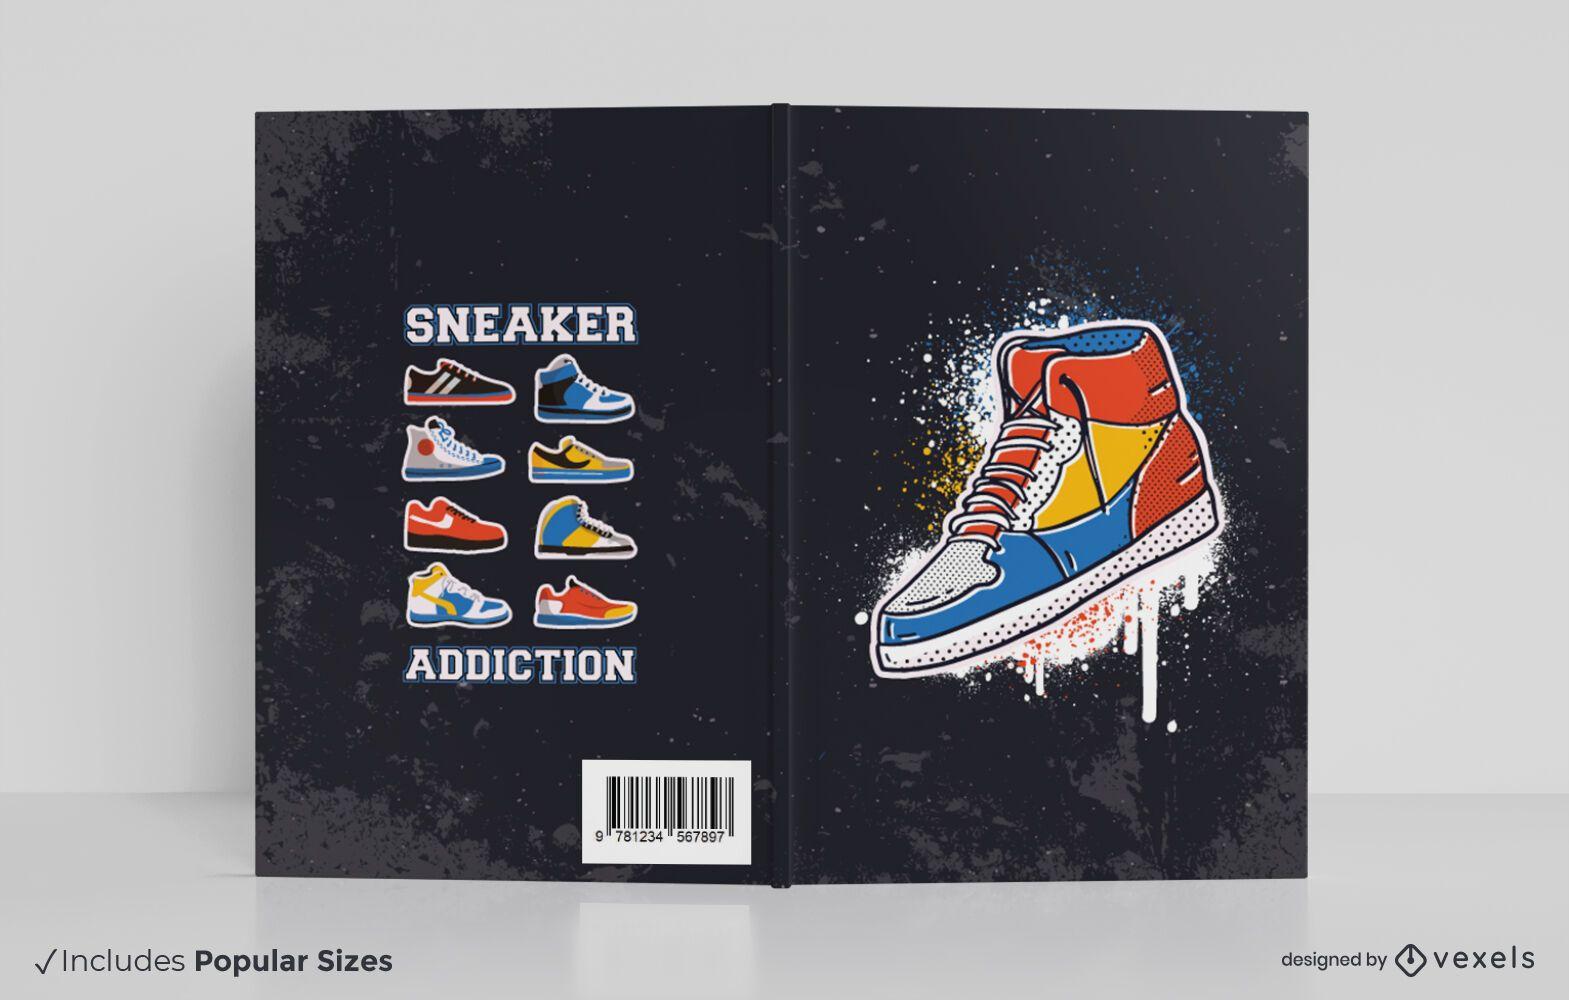 Diseño de portada de libro de adicción a las zapatillas